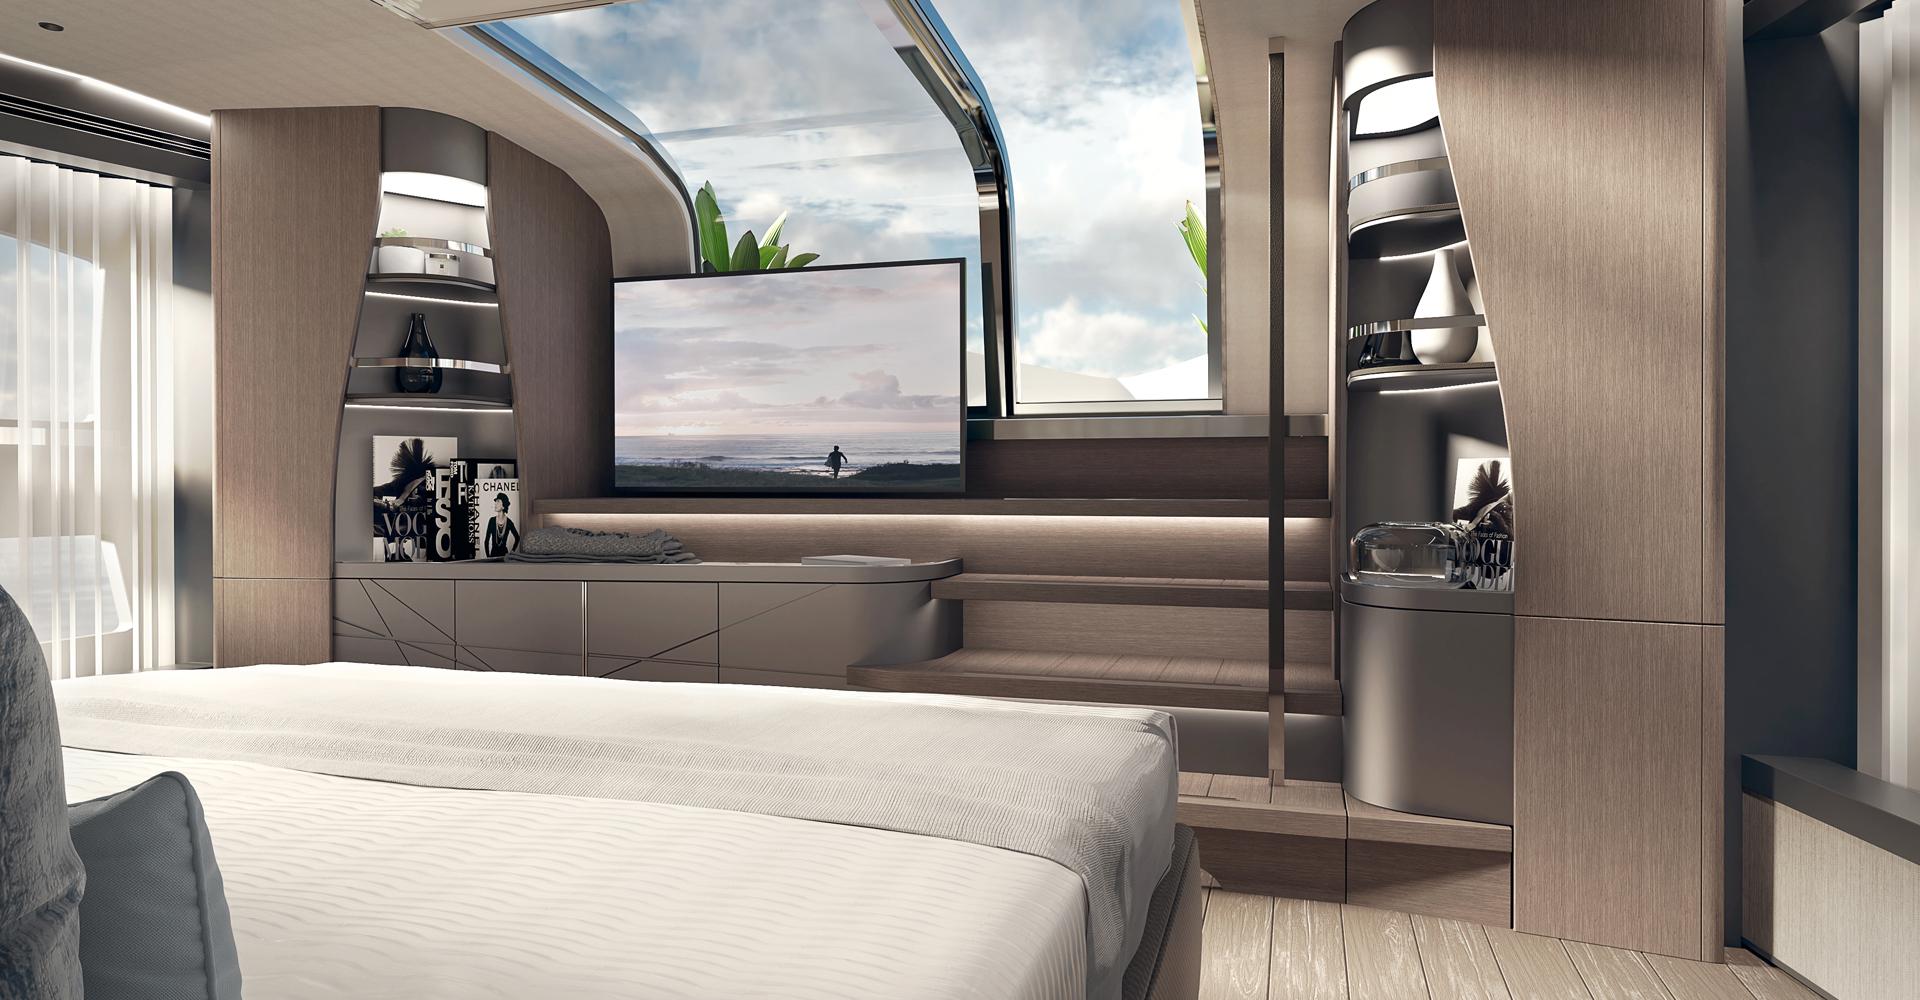 Sunseeker 100 yacht accommodation